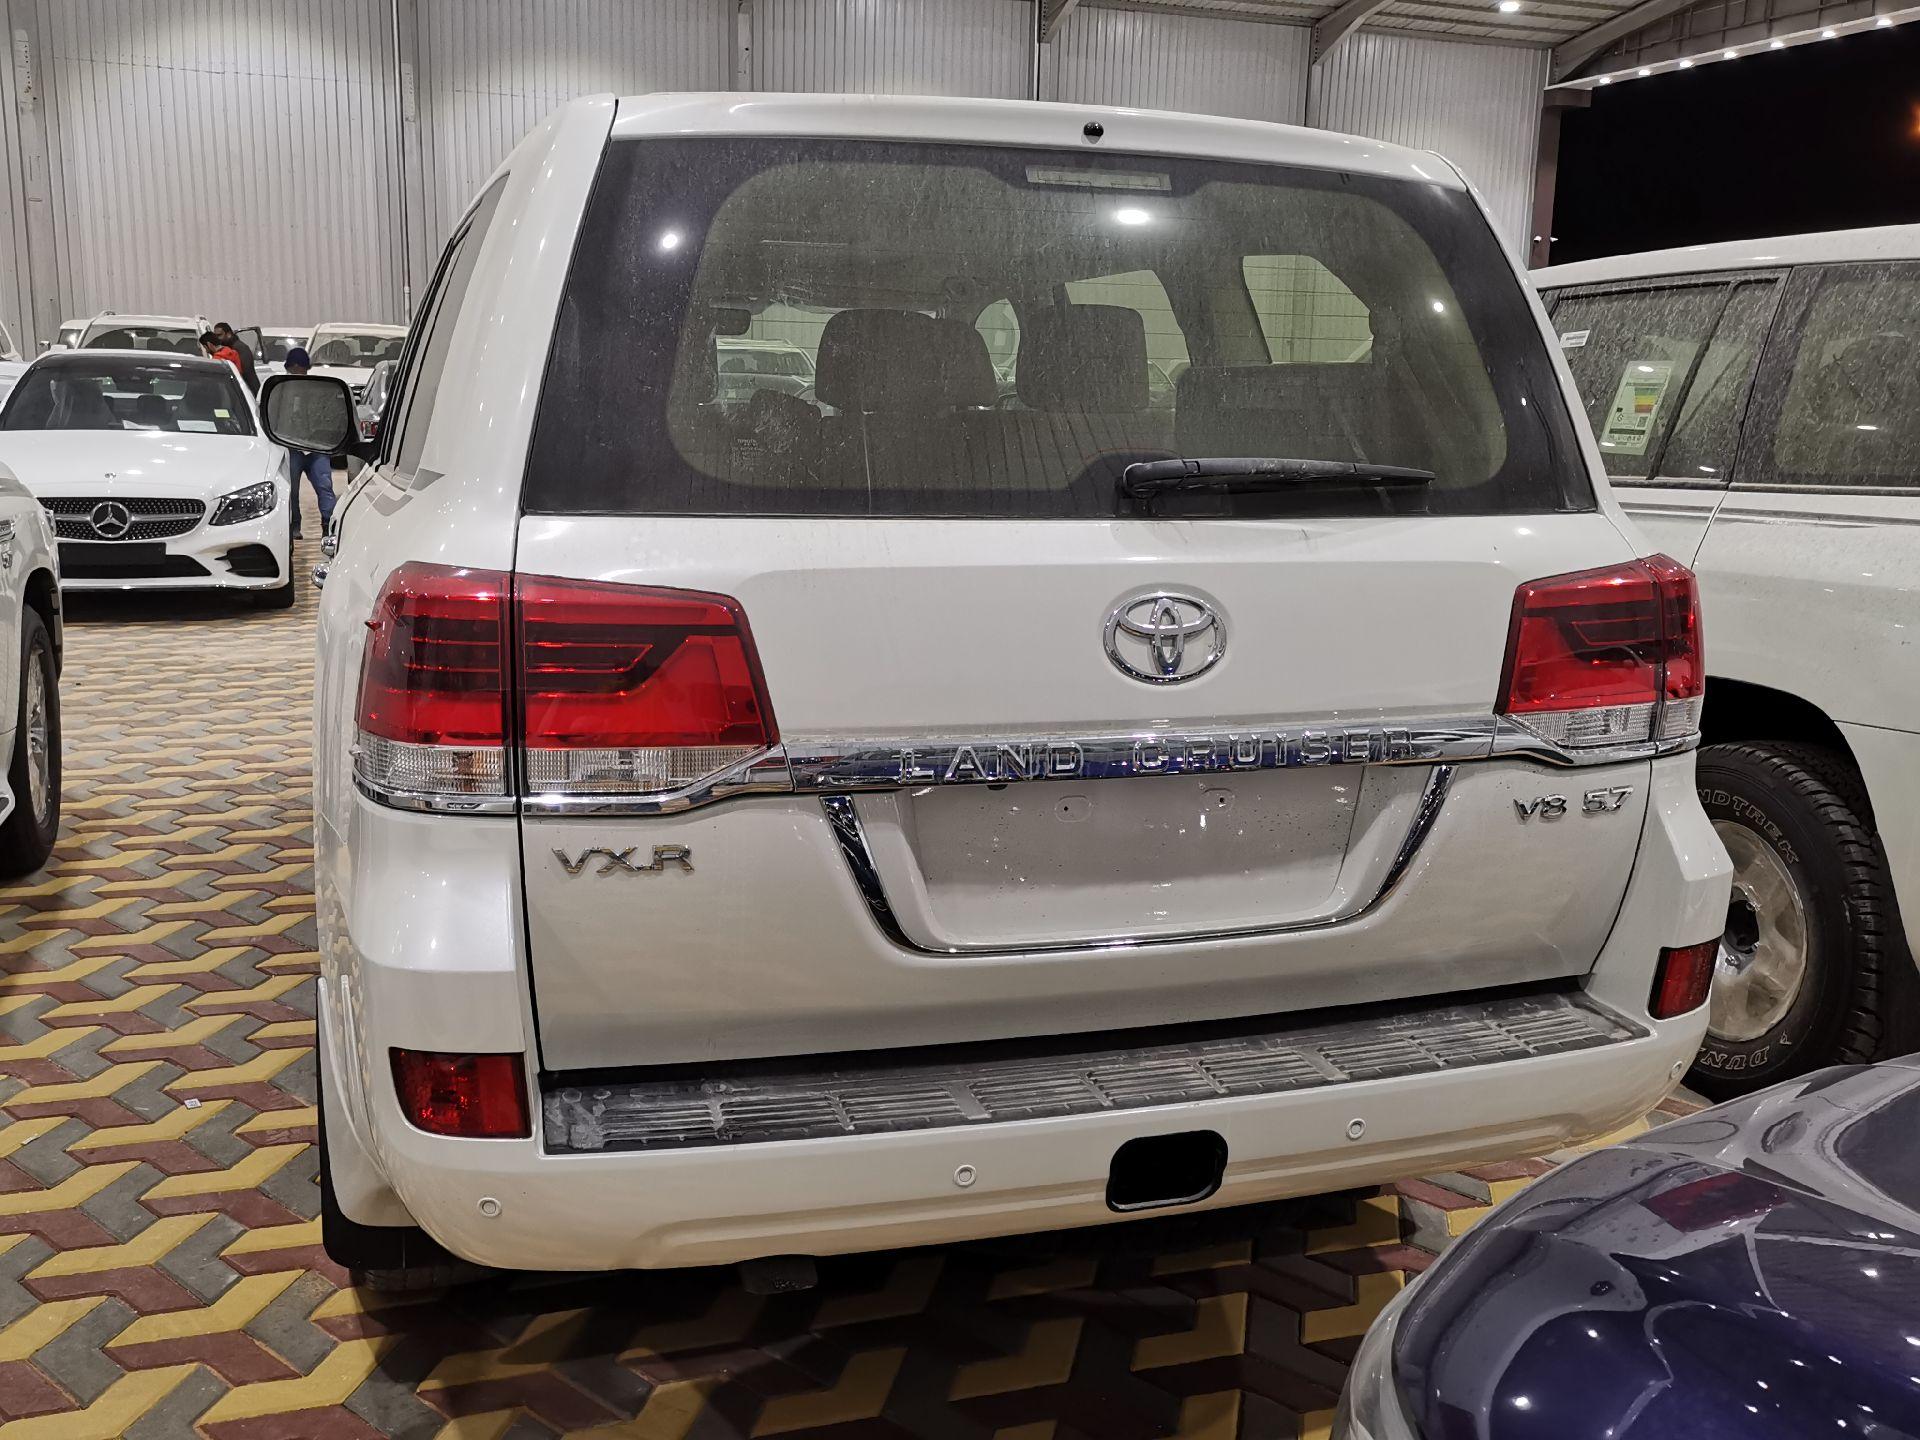 تويوتا لاندكروزر VXR خليجي 2021 نص فل جديد للبيع في الرياض - السعودية - صورة كبيرة - 1